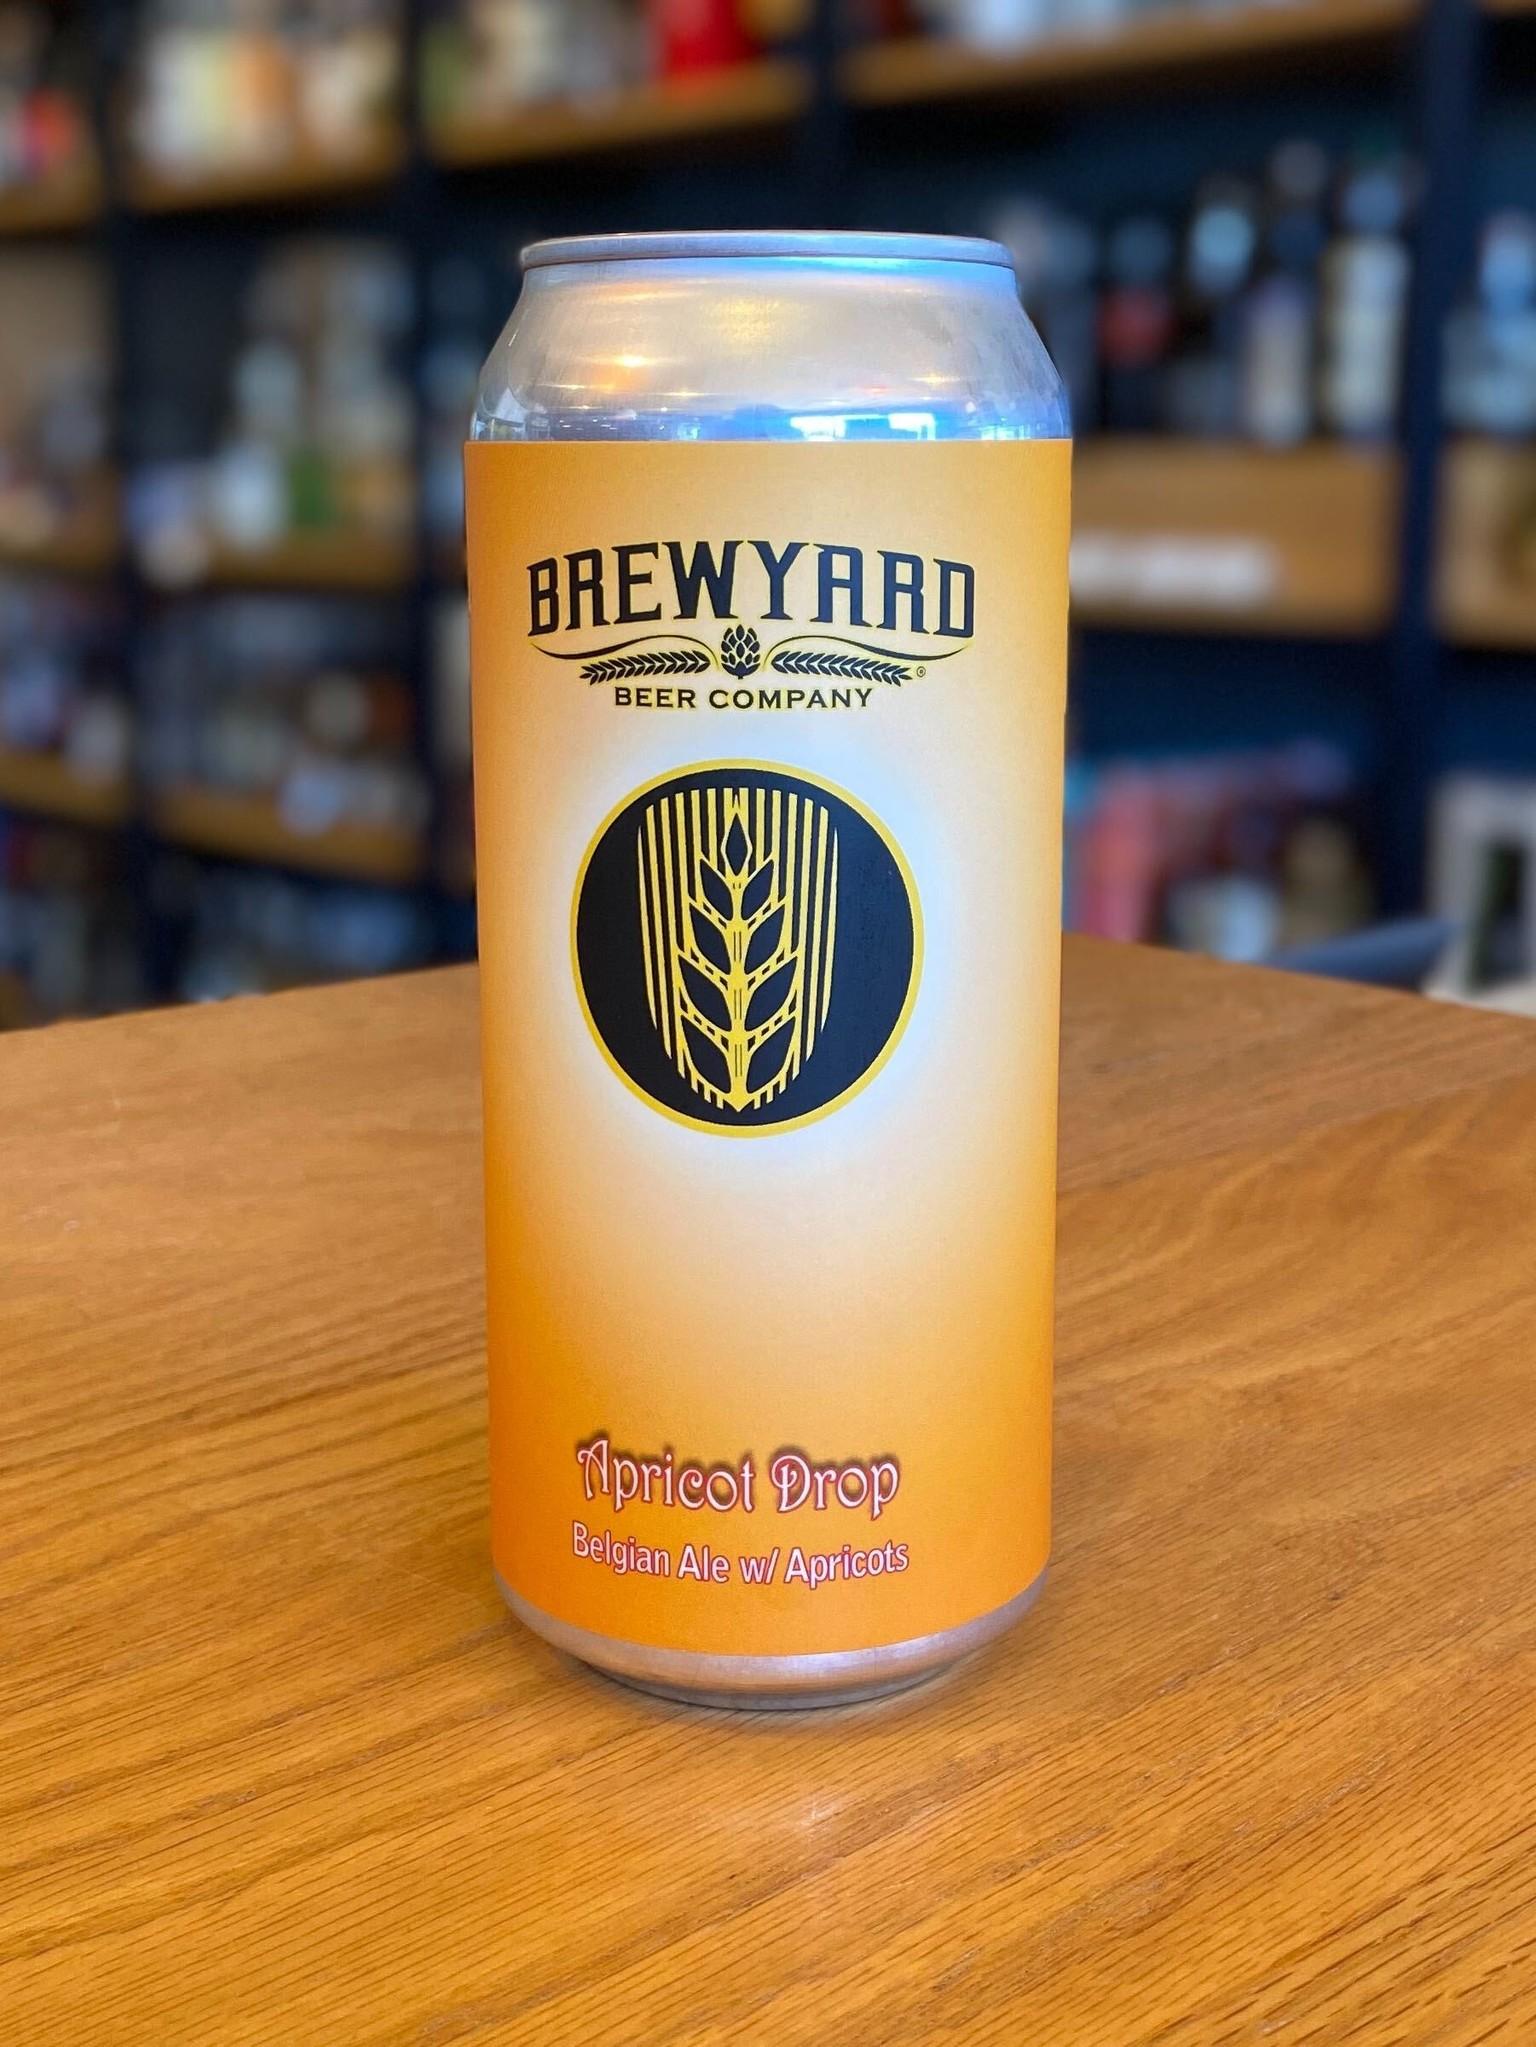 Brewyard Brewyard Brewing Apricot Drop 16oz